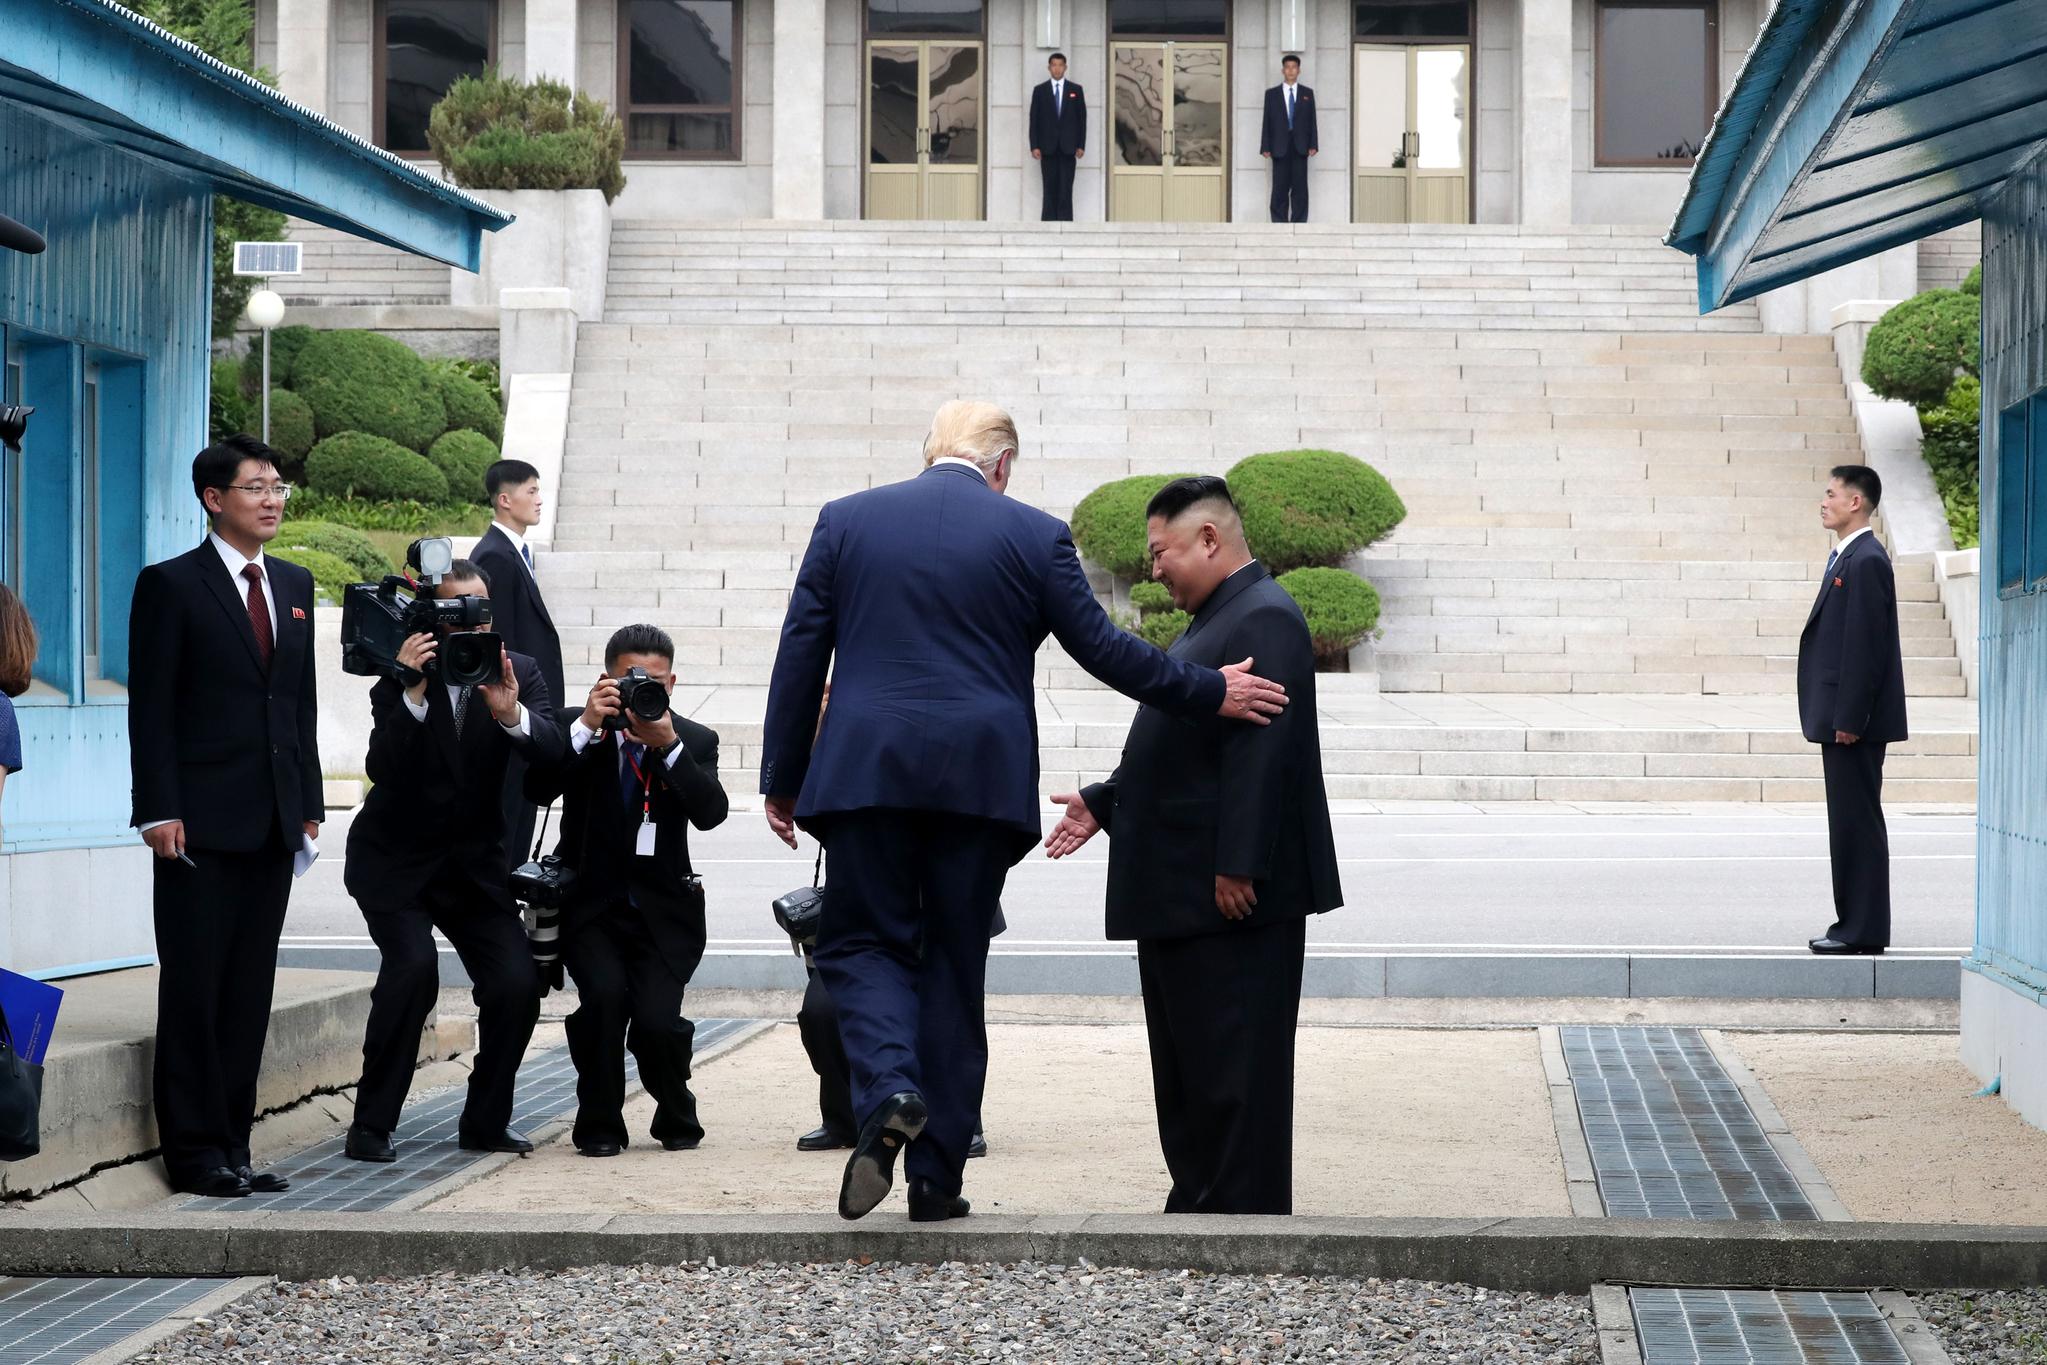 도널드 트럼프 미국 대통령이 30일 오후 판문점에서 김정은 북한 국무위원장과 만나 인사한 뒤 미국 대통령 중 사상 처음으로 군사분계선을 넘어 북측으로 향하고 있다. 청와대사진기자단